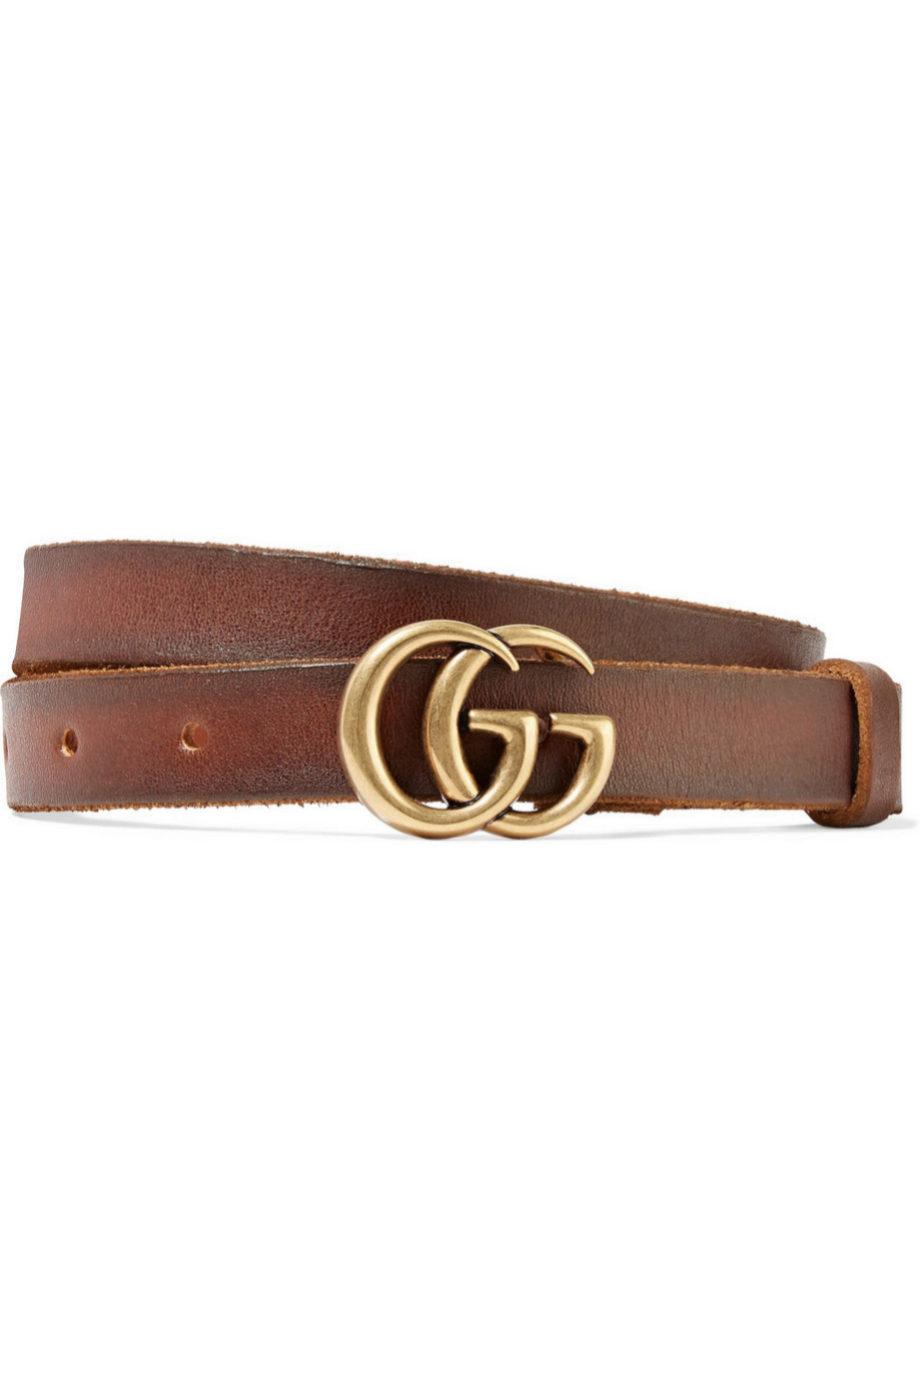 Cinturón de piel desgastado en color marrón de Gucci para Net a...